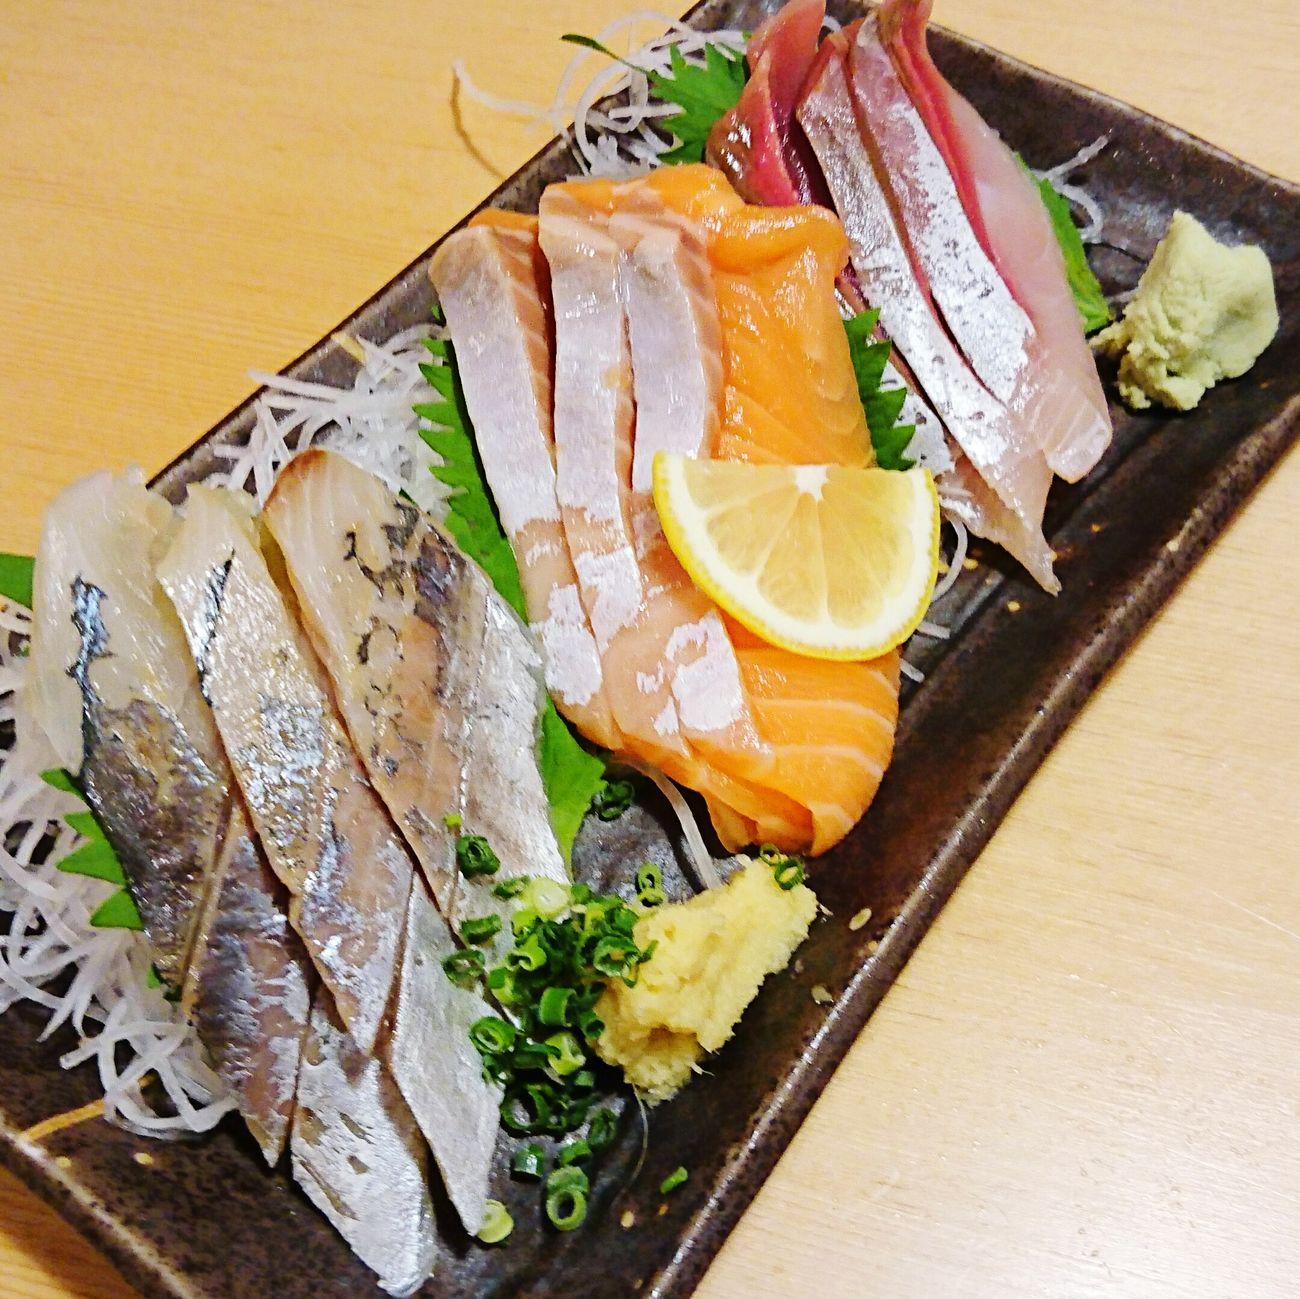 や台や 食べもの Foods Food 刺身 刺身の盛り合わせ さしみ さしみ 刺身 Sashimi Dish Sashimi Dinner SashimiloversSeafood Fish Salmon - Seafood Wasabi わさび 山葵